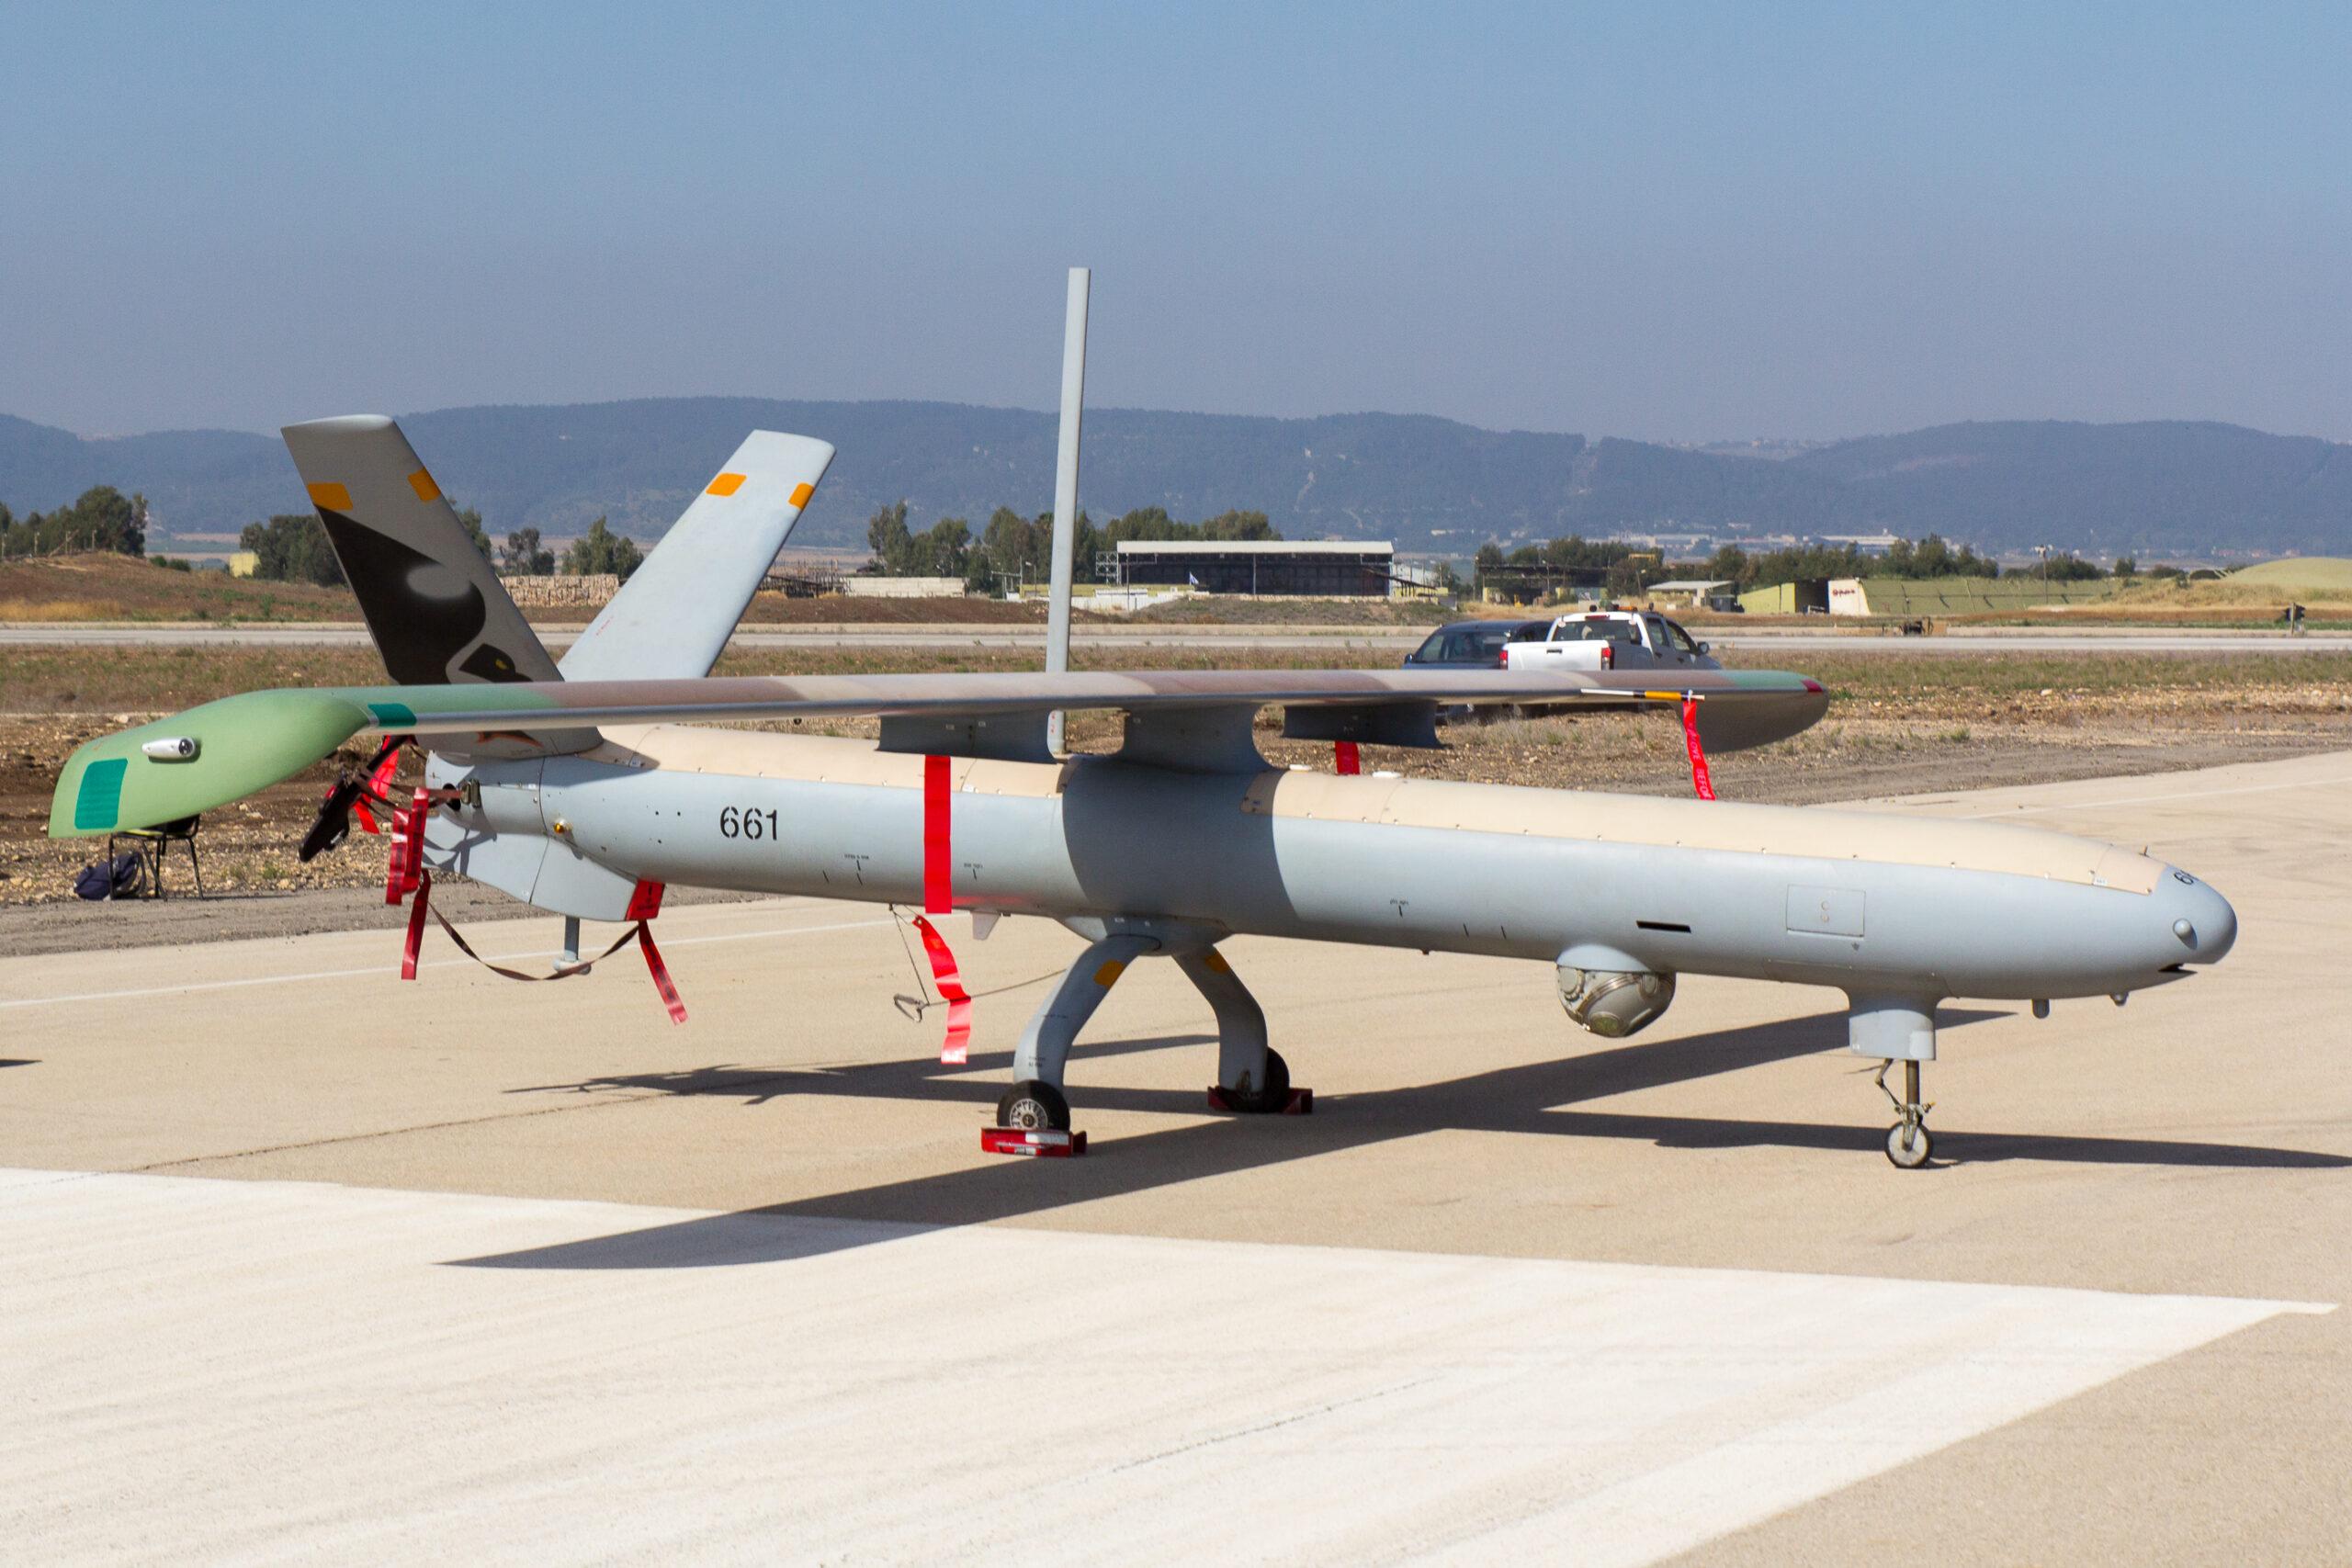 Israeli Hermes 450 Armed Drone Spotted Over Hezbollah Stronghold In Lebanon